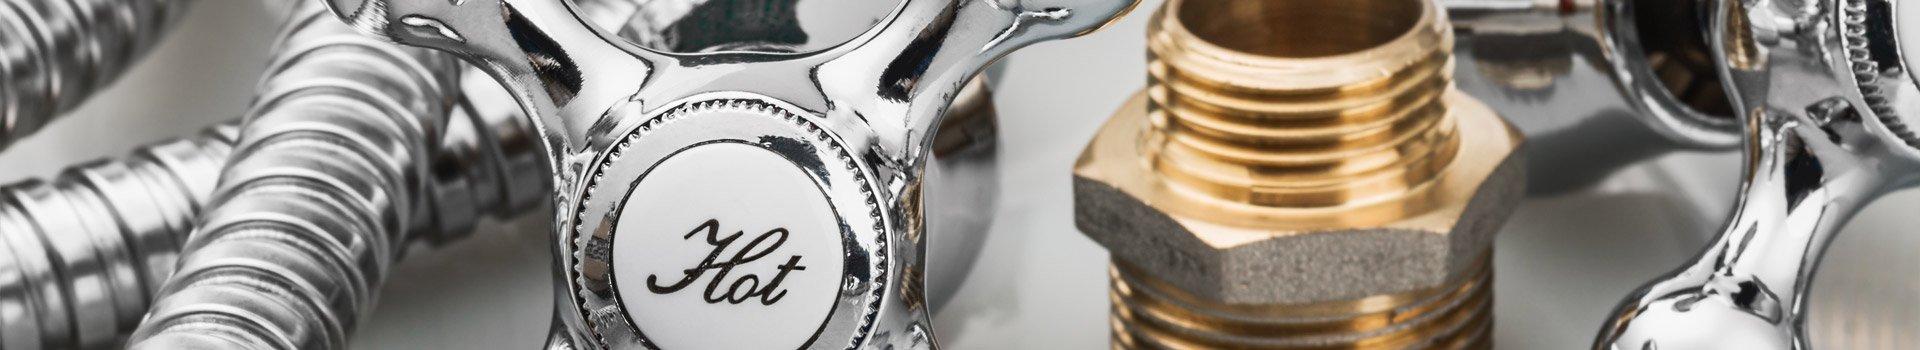 tap handle hardware for plumbing in queensland